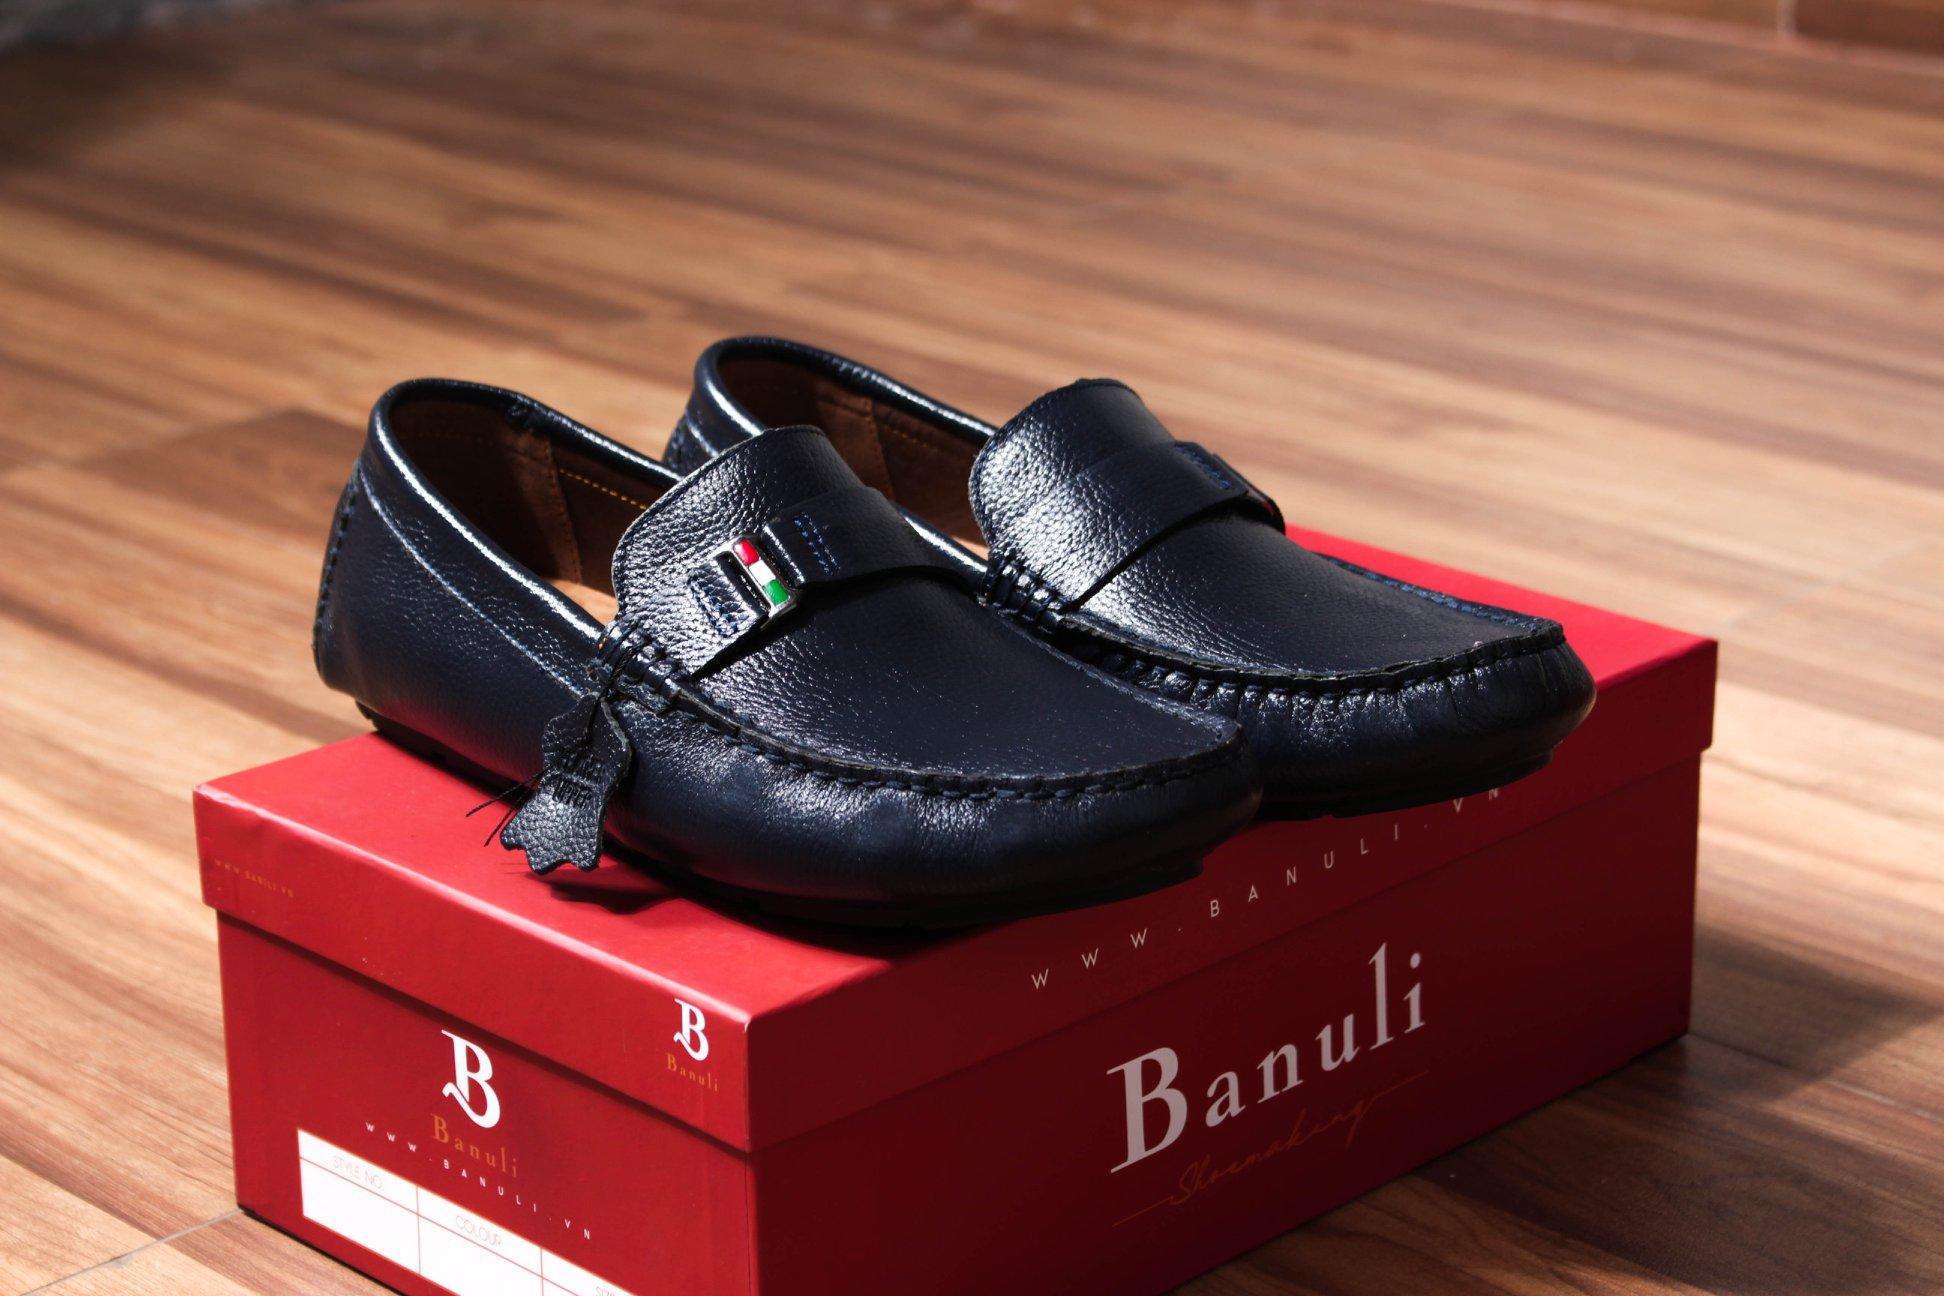 Giày nam cao cấp chính hãng BANULI, kiểu giày lười C4ML3T0 da bò thật đế cao su tự nhiên